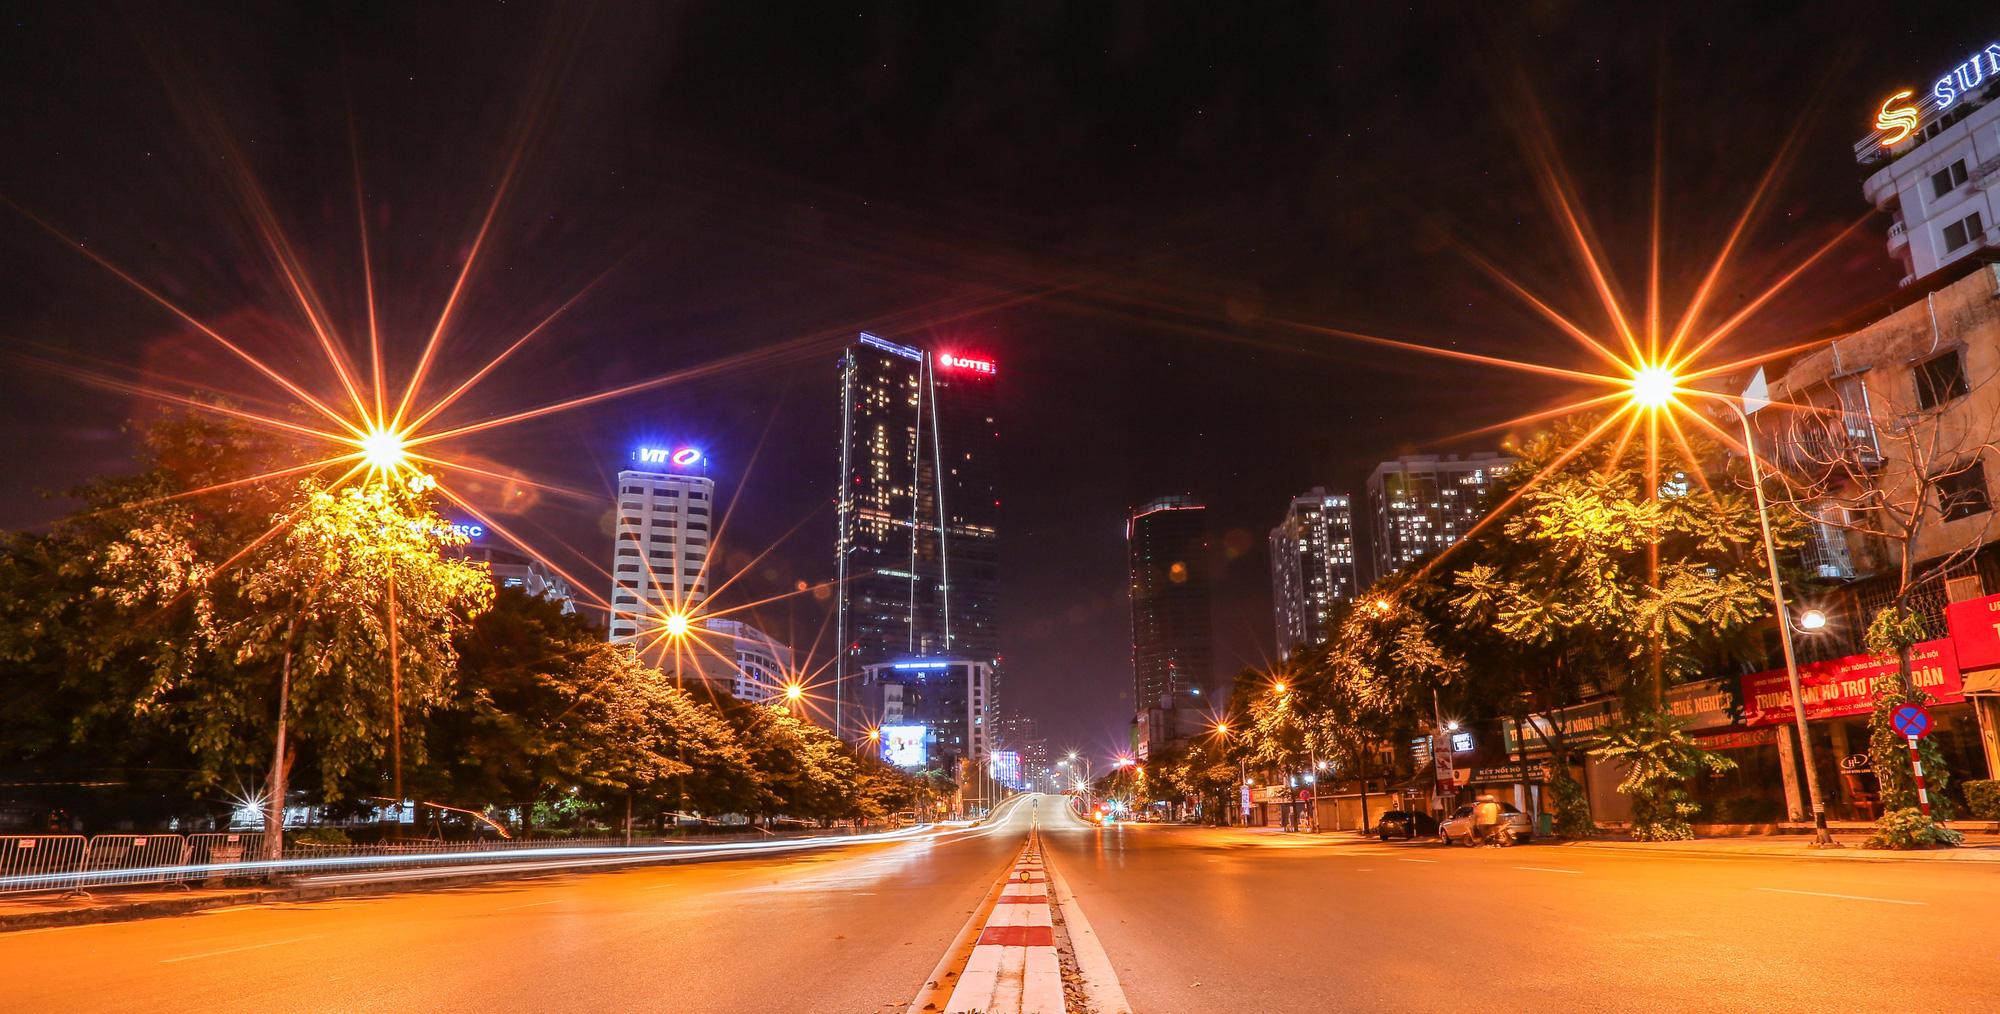 Đêm Hà Nội vắng lặng trong những ngày giãn cách xã hội - Ảnh 12.